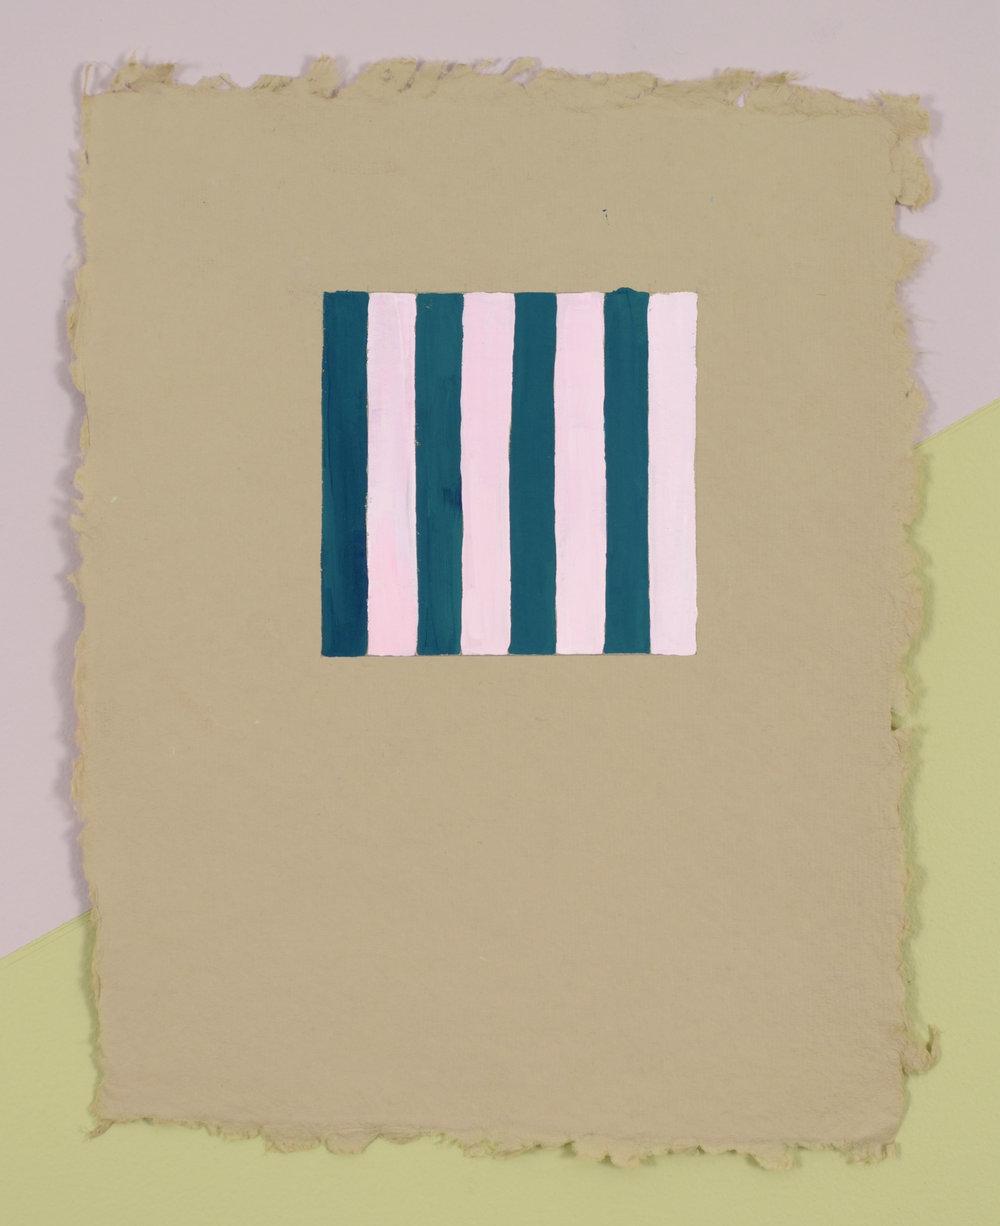 Tantra Stripe #1